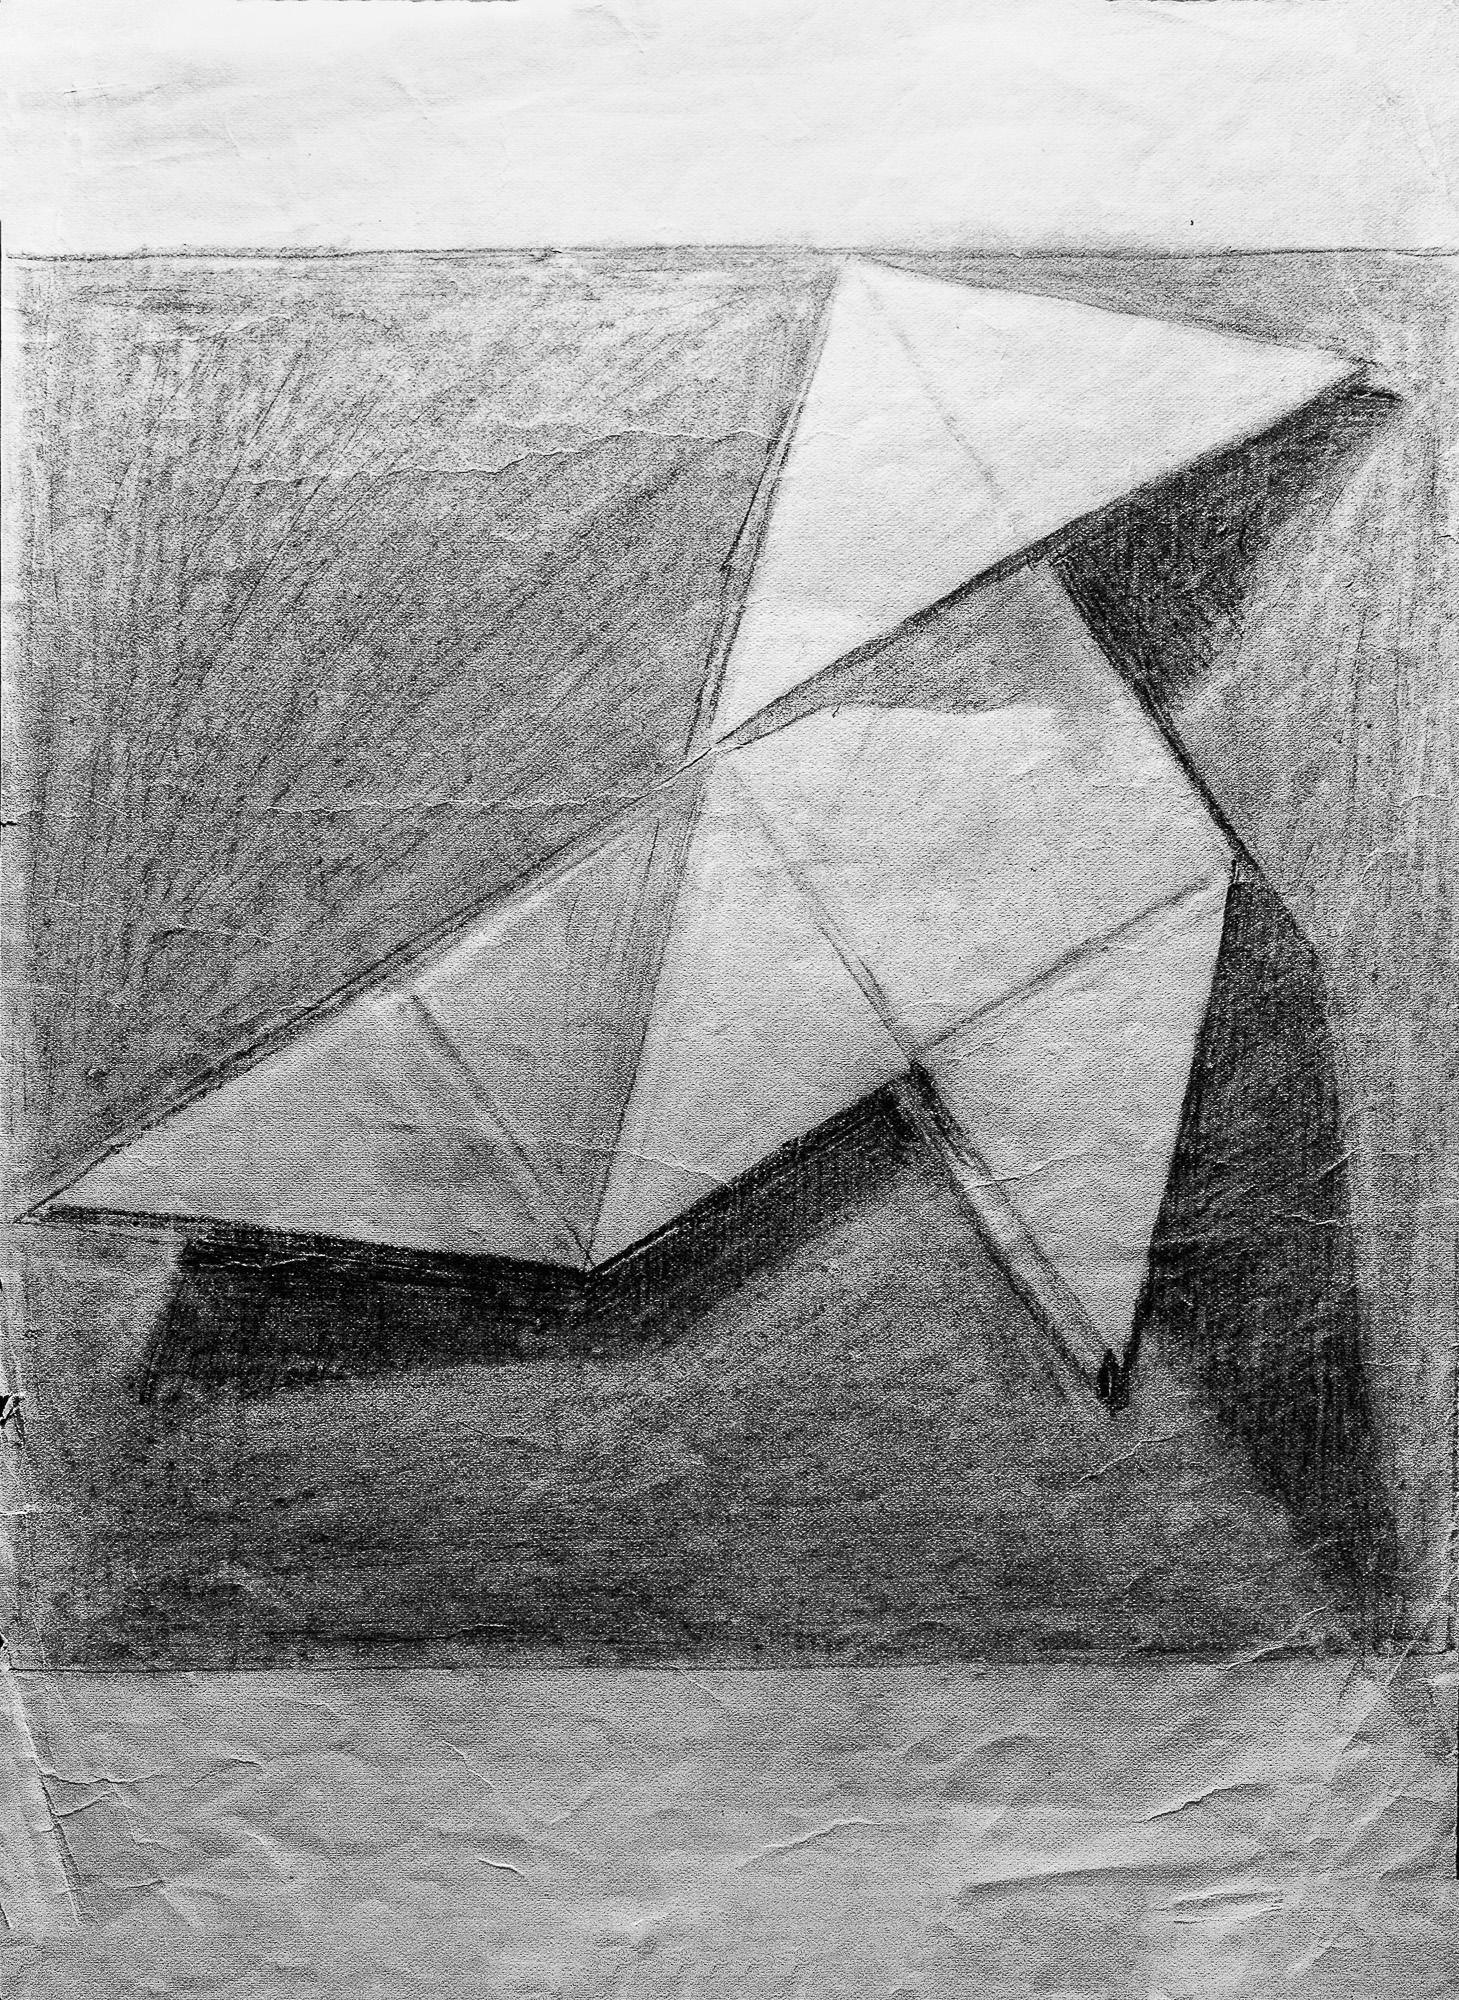 Juan Soto. Obra temprana 1946. Carboncillo sobre papel. 32 x 22 cm.